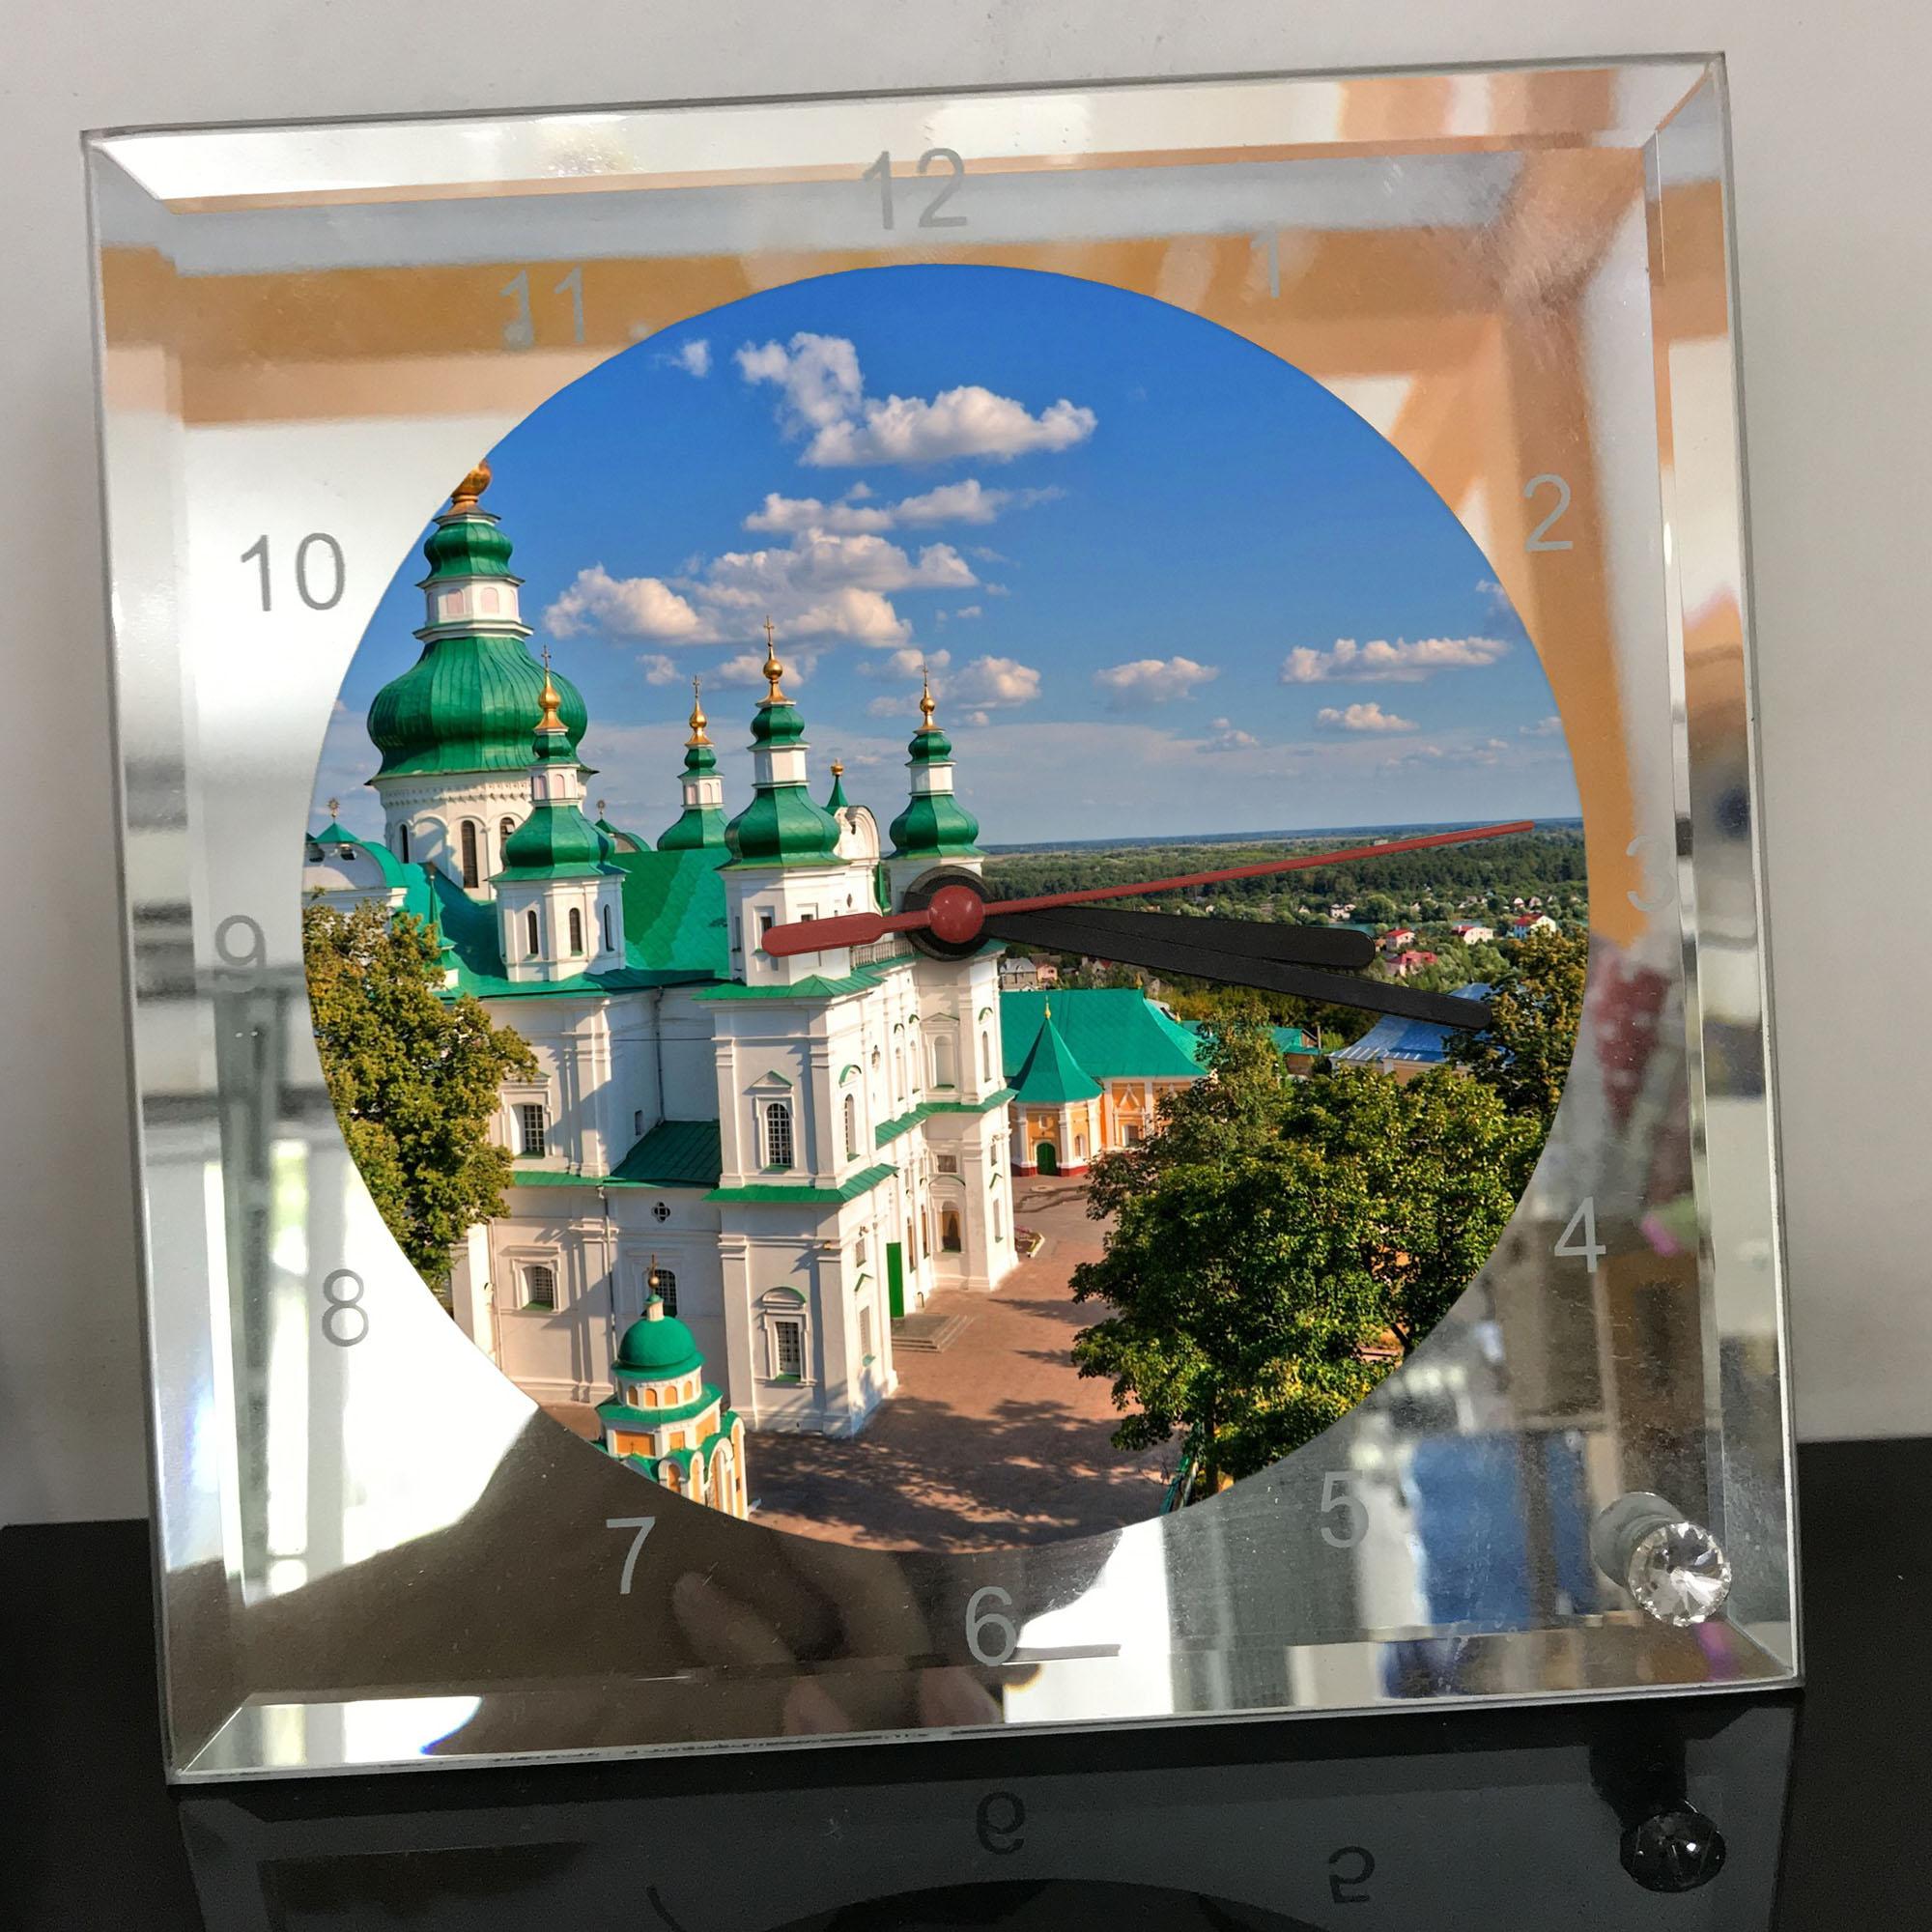 Đồng hồ thủy tinh vuông 20x20 in hình Cathedral - nhà thờ chính tòa (41) . Đồng hồ thủy tinh để bàn trang trí đẹp chủ đề tôn giáo